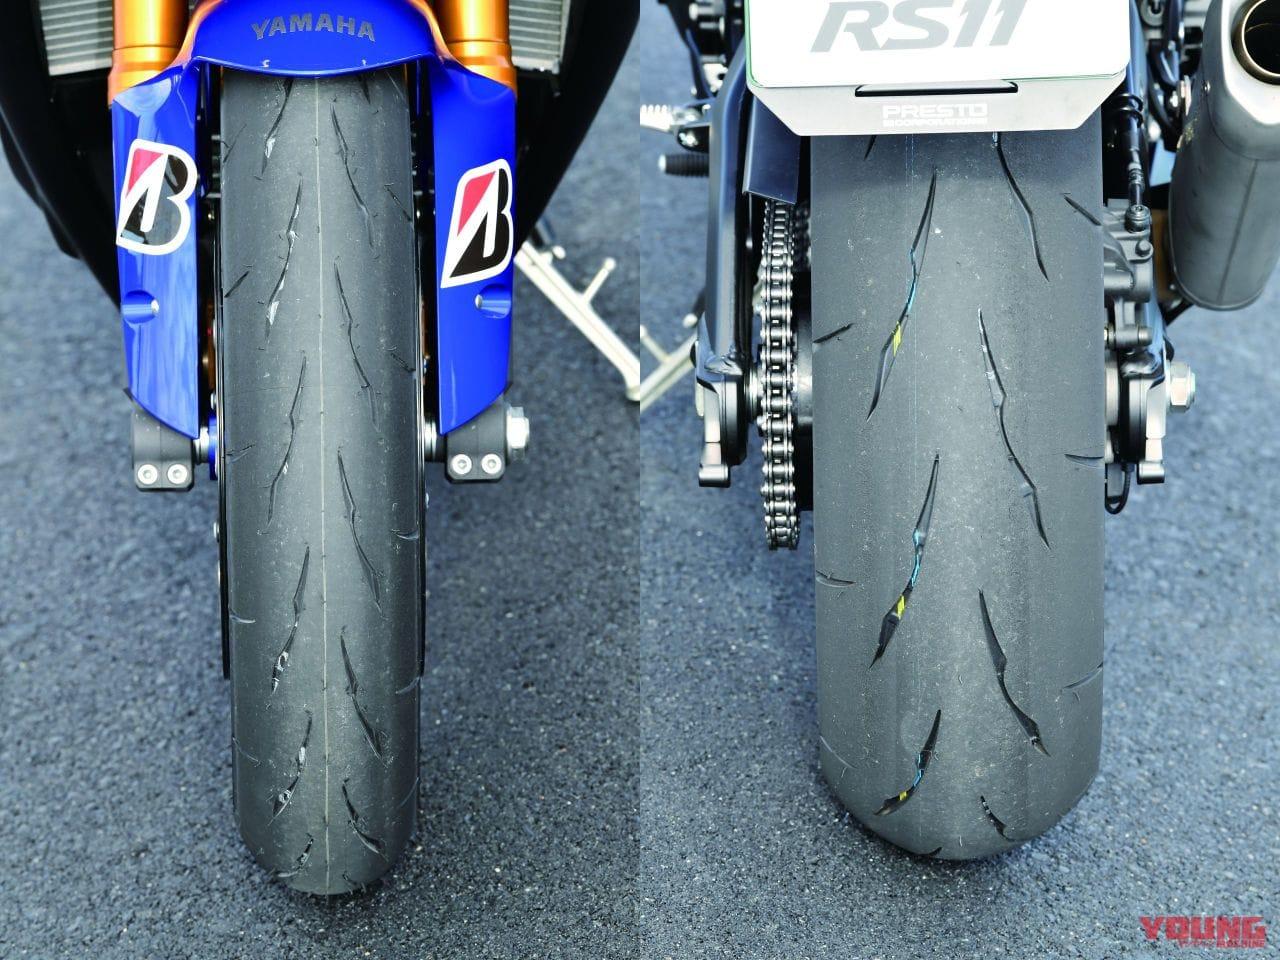 ブリヂストン バトラックス レーシングストリート RS11